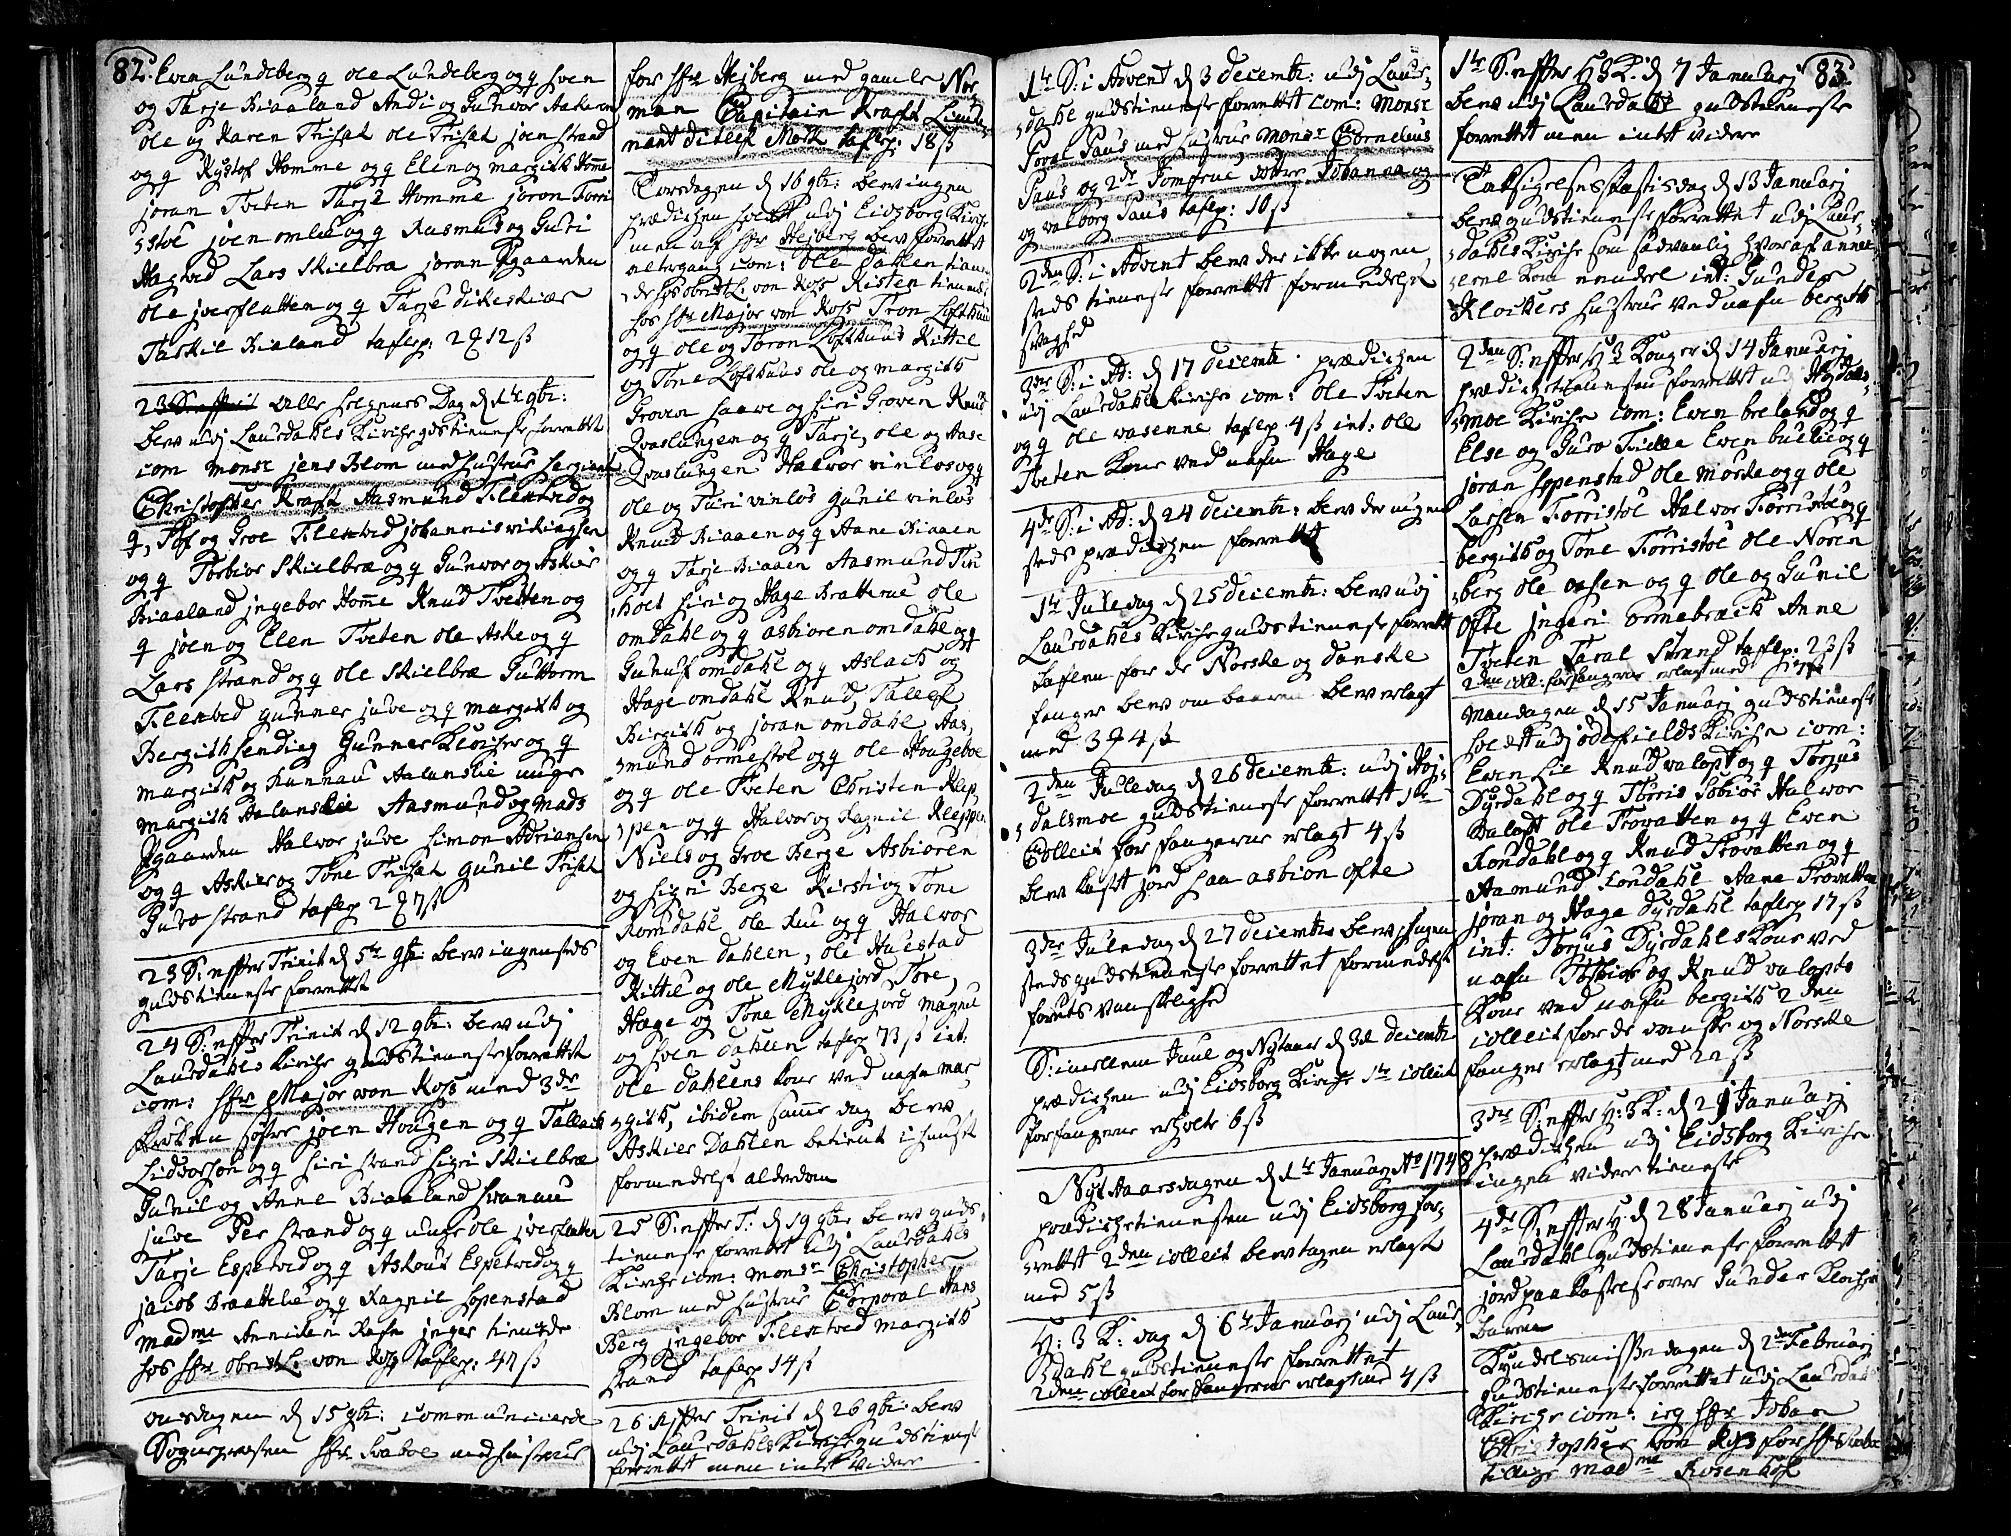 SAKO, Lårdal kirkebøker, F/Fa/L0002: Ministerialbok nr. I 2, 1734-1754, s. 82-83